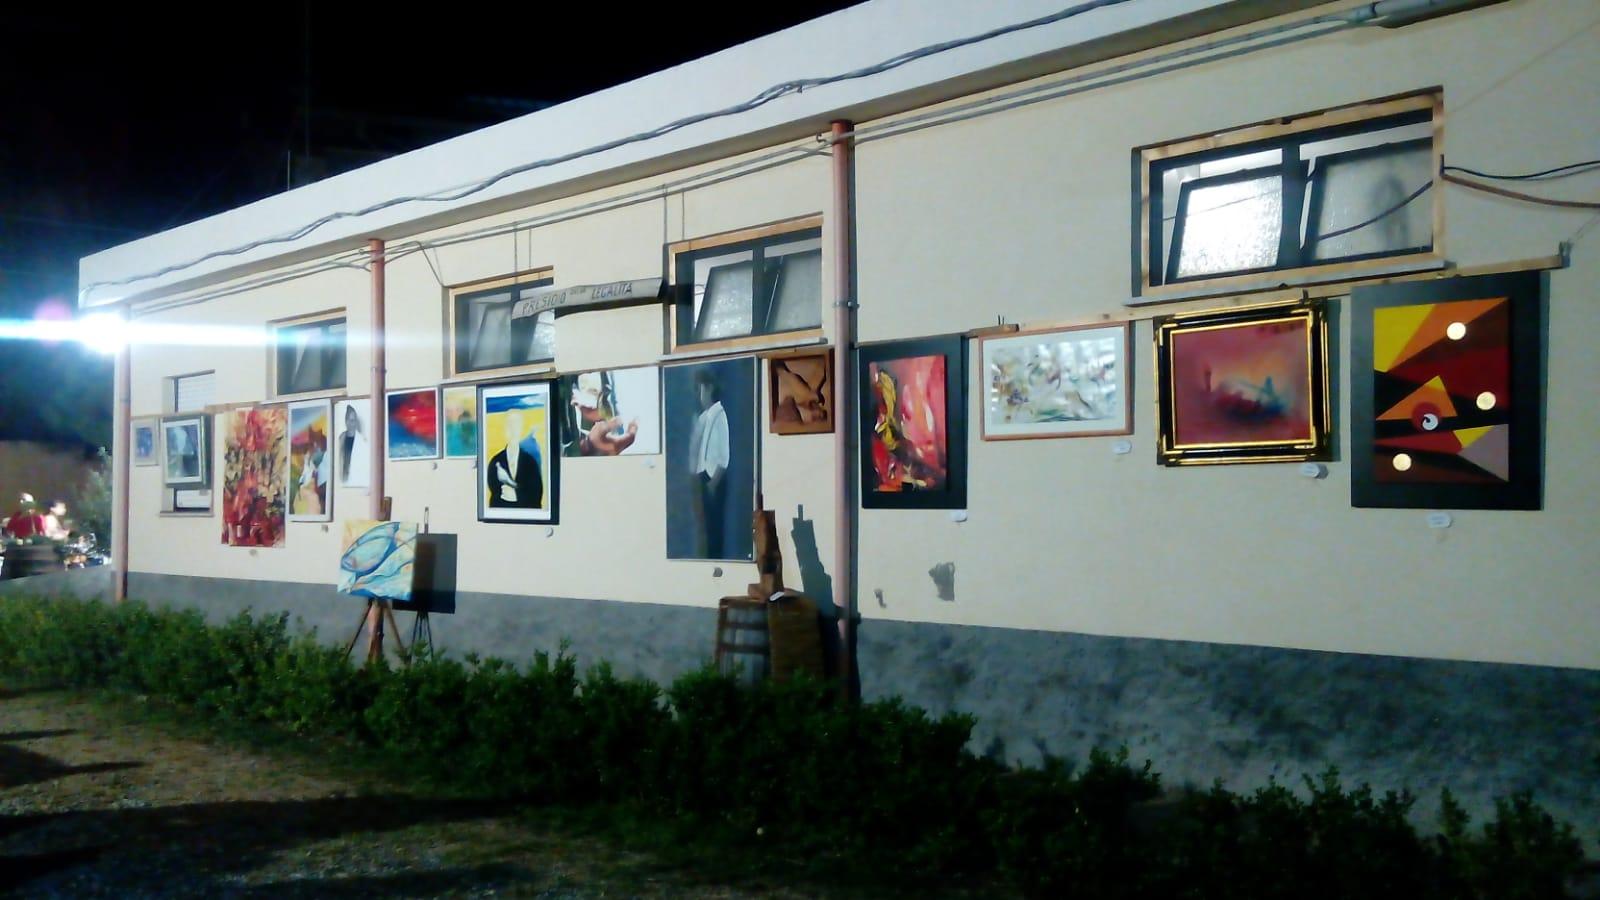 Ponti-Pialesi - 21a Edizione Cena dei Rioni 2018- Arte e Legalità... Sotto Le Stelle!  - Mostra Artistica